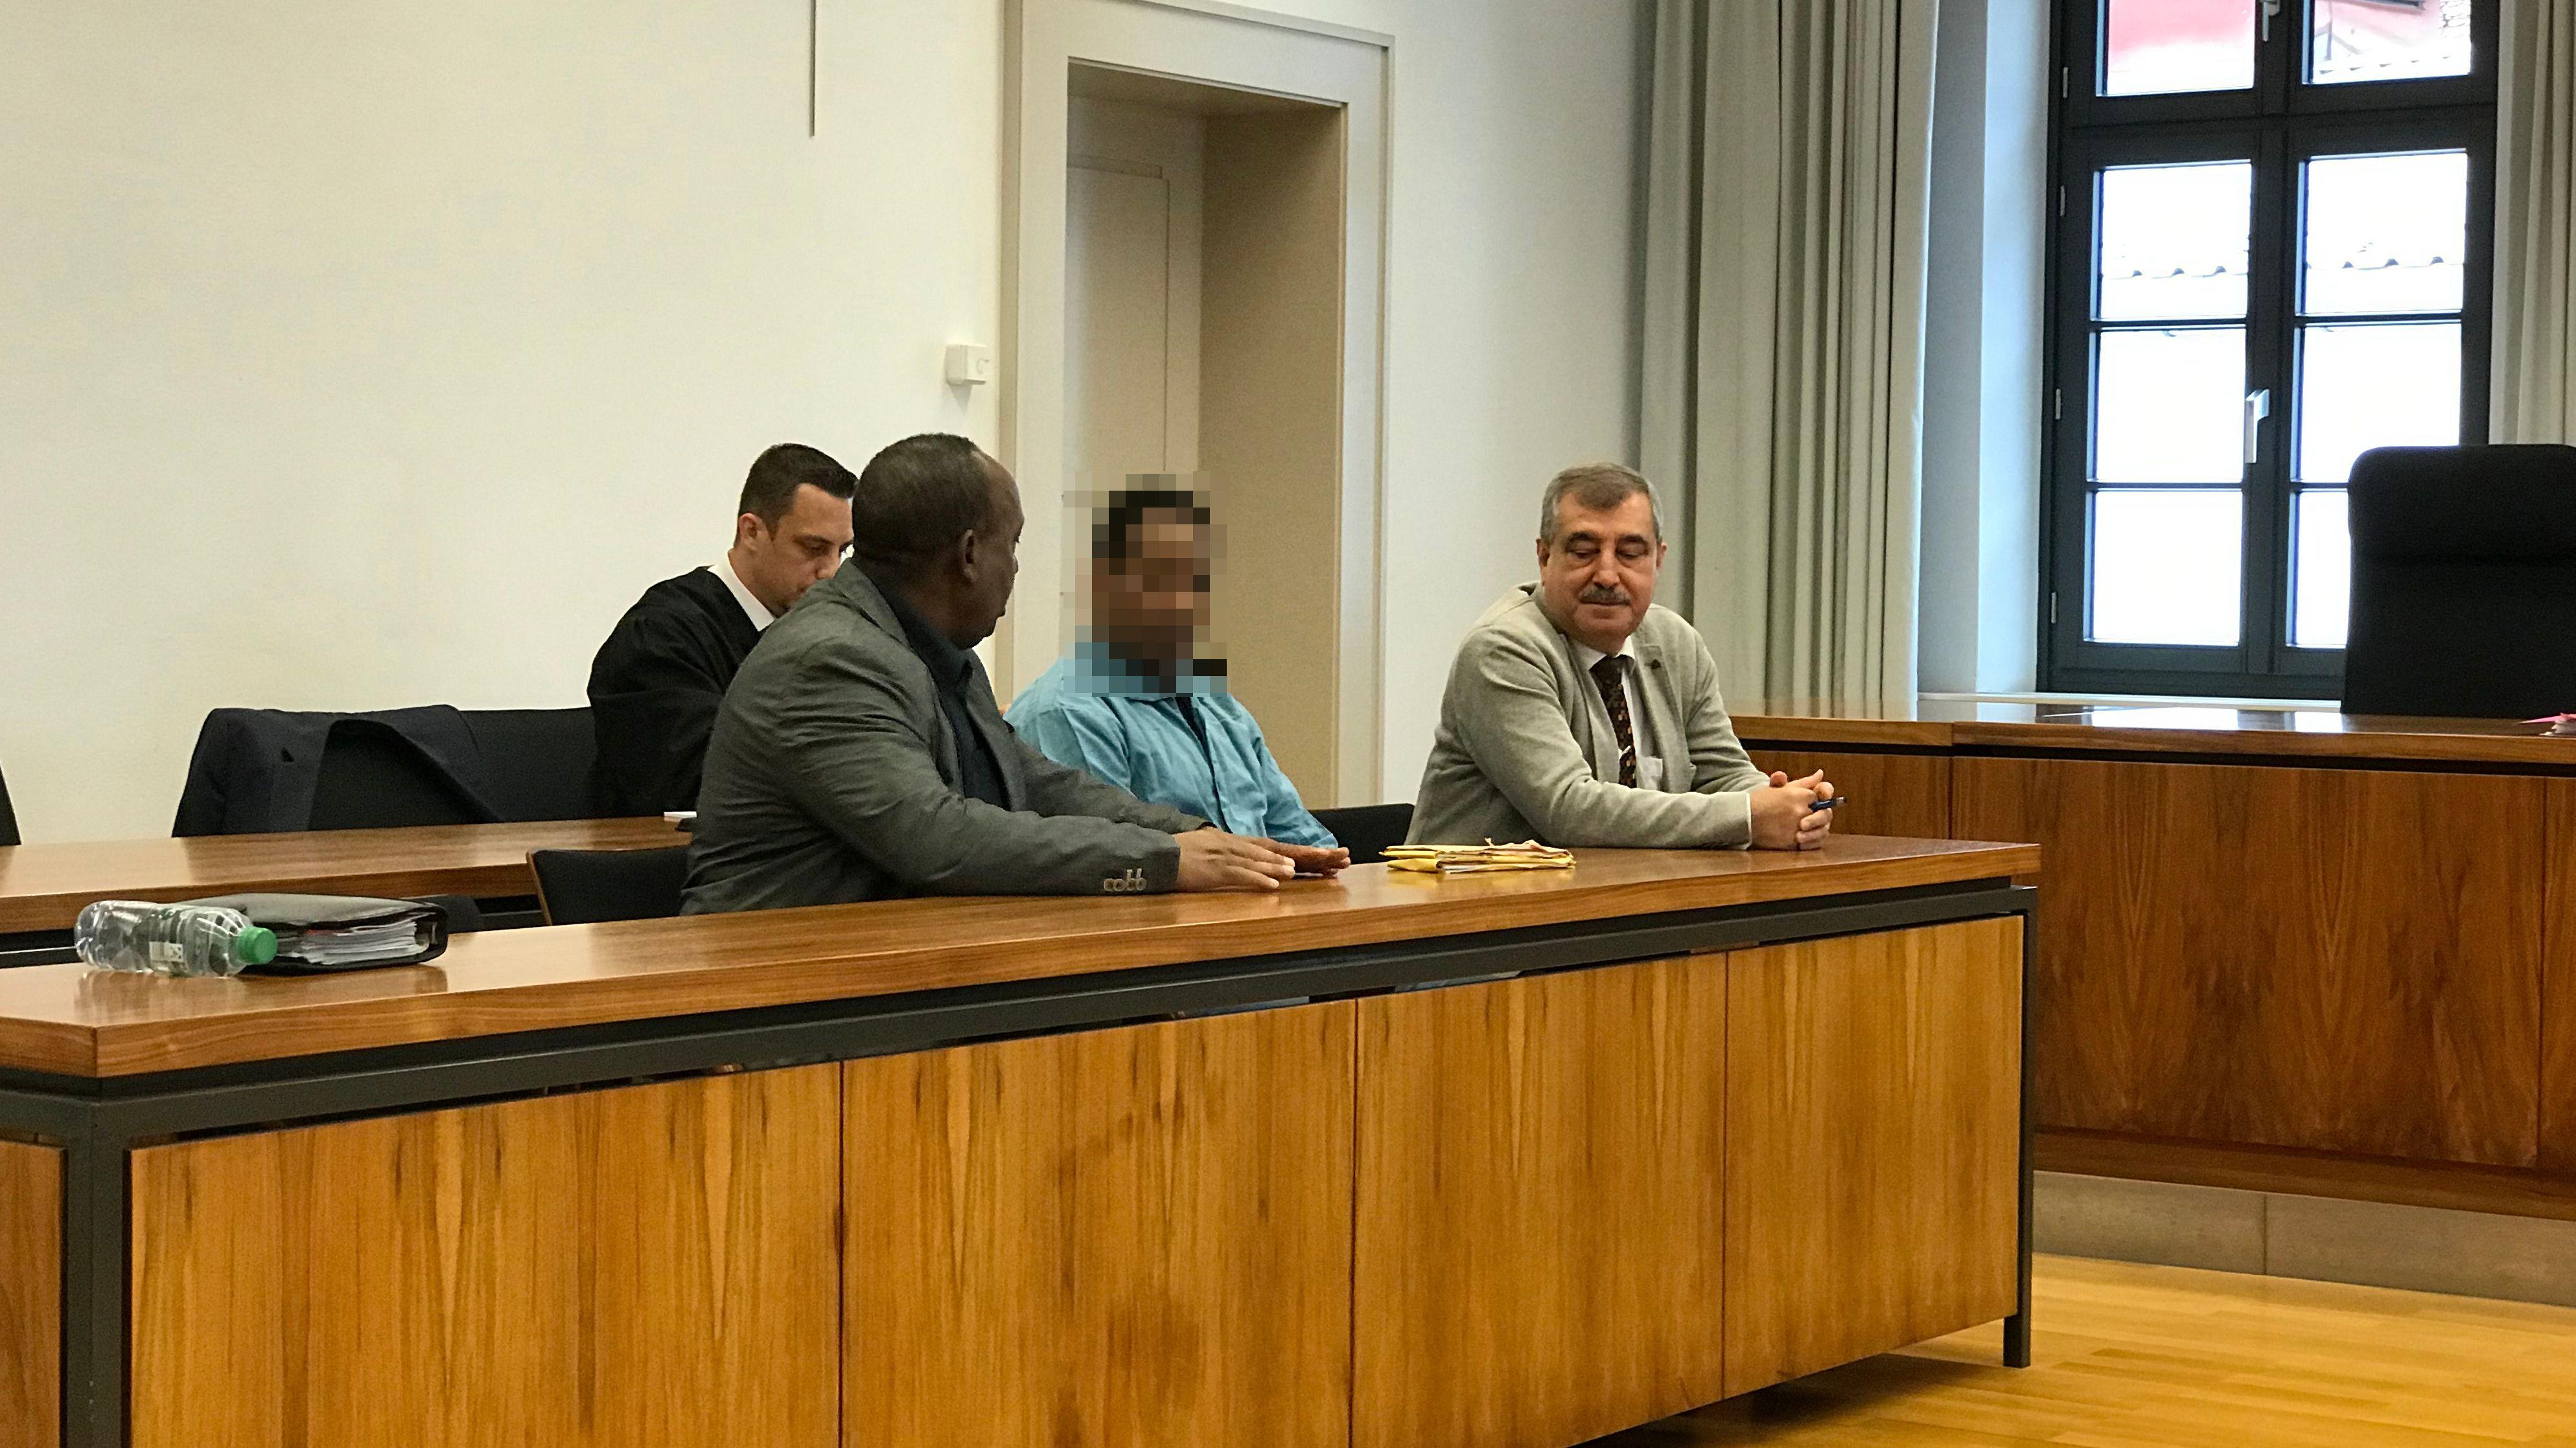 Der Angeklagte sitzt mit seinem Anwalt und zwei Übersetzern im Memminger Landgericht.